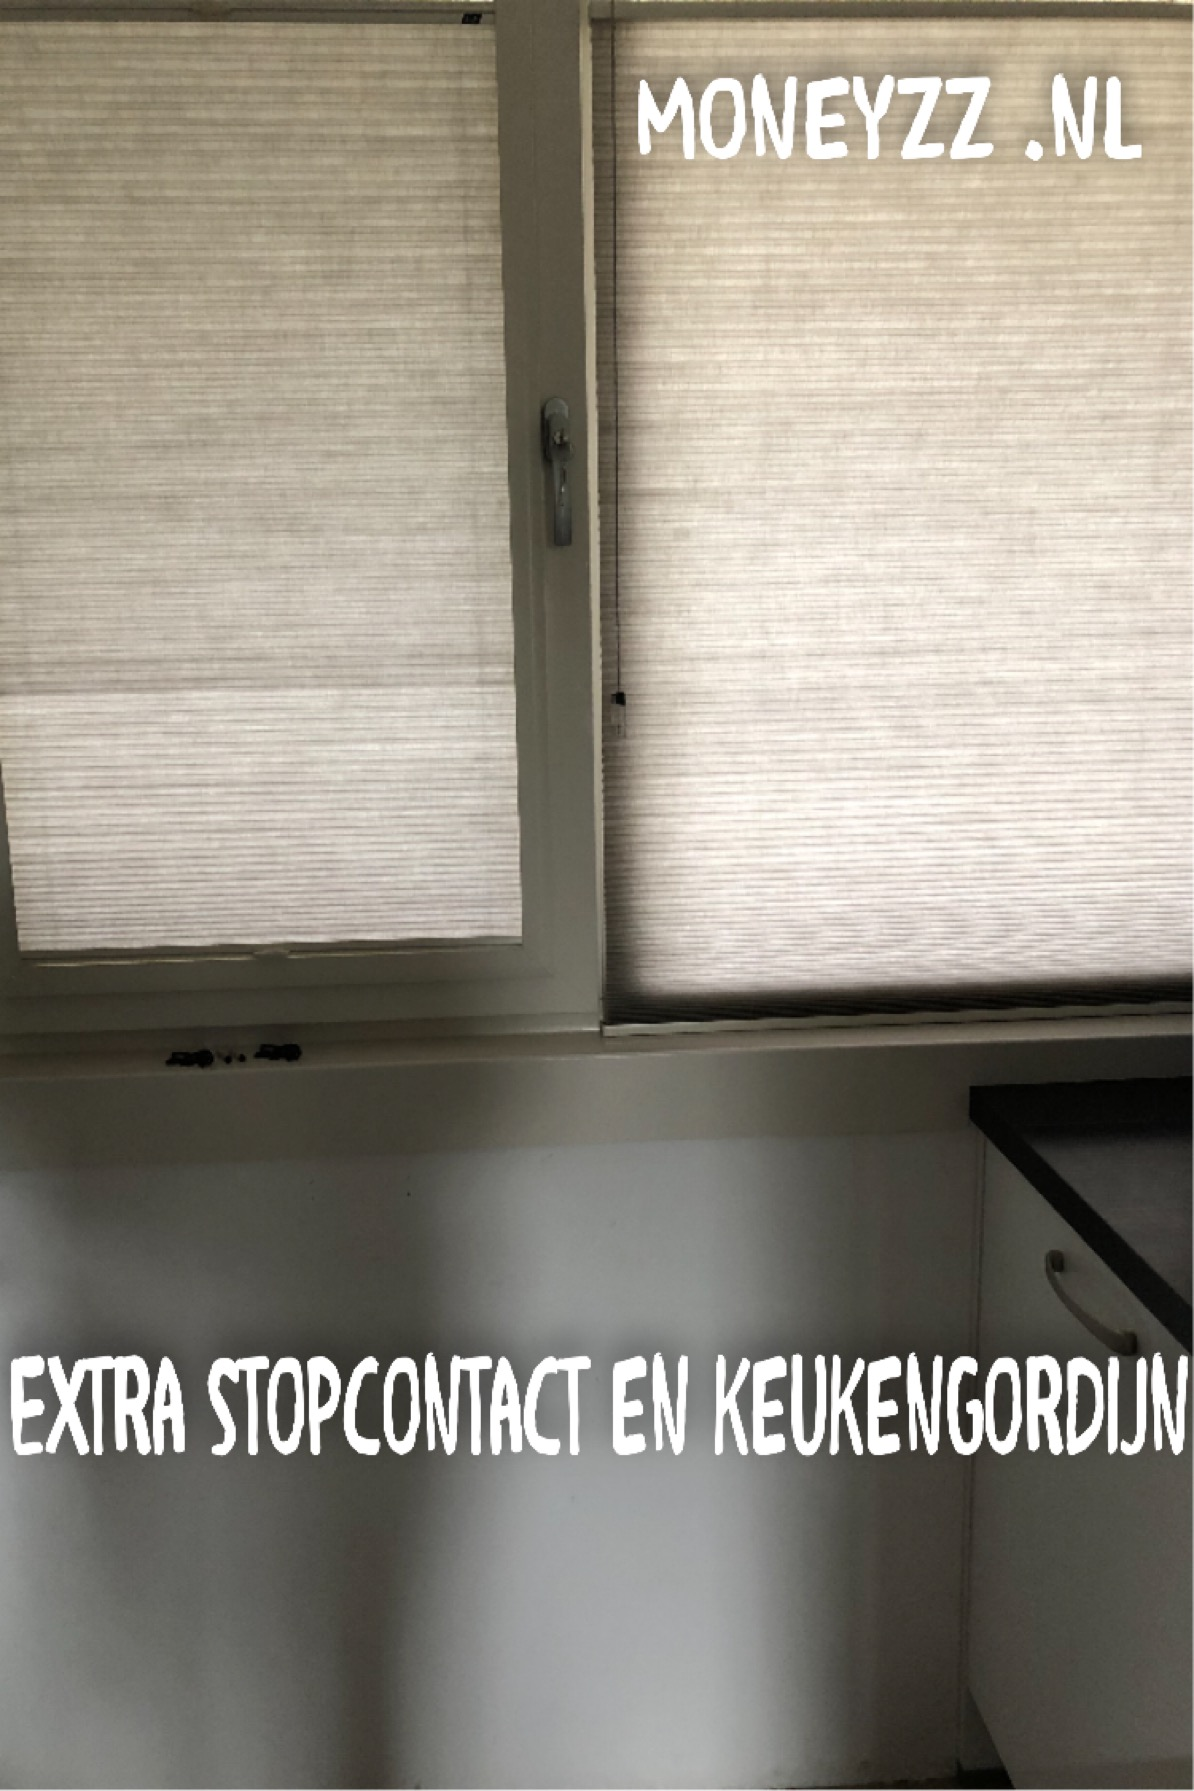 Extra stopcontact en keukengordijn